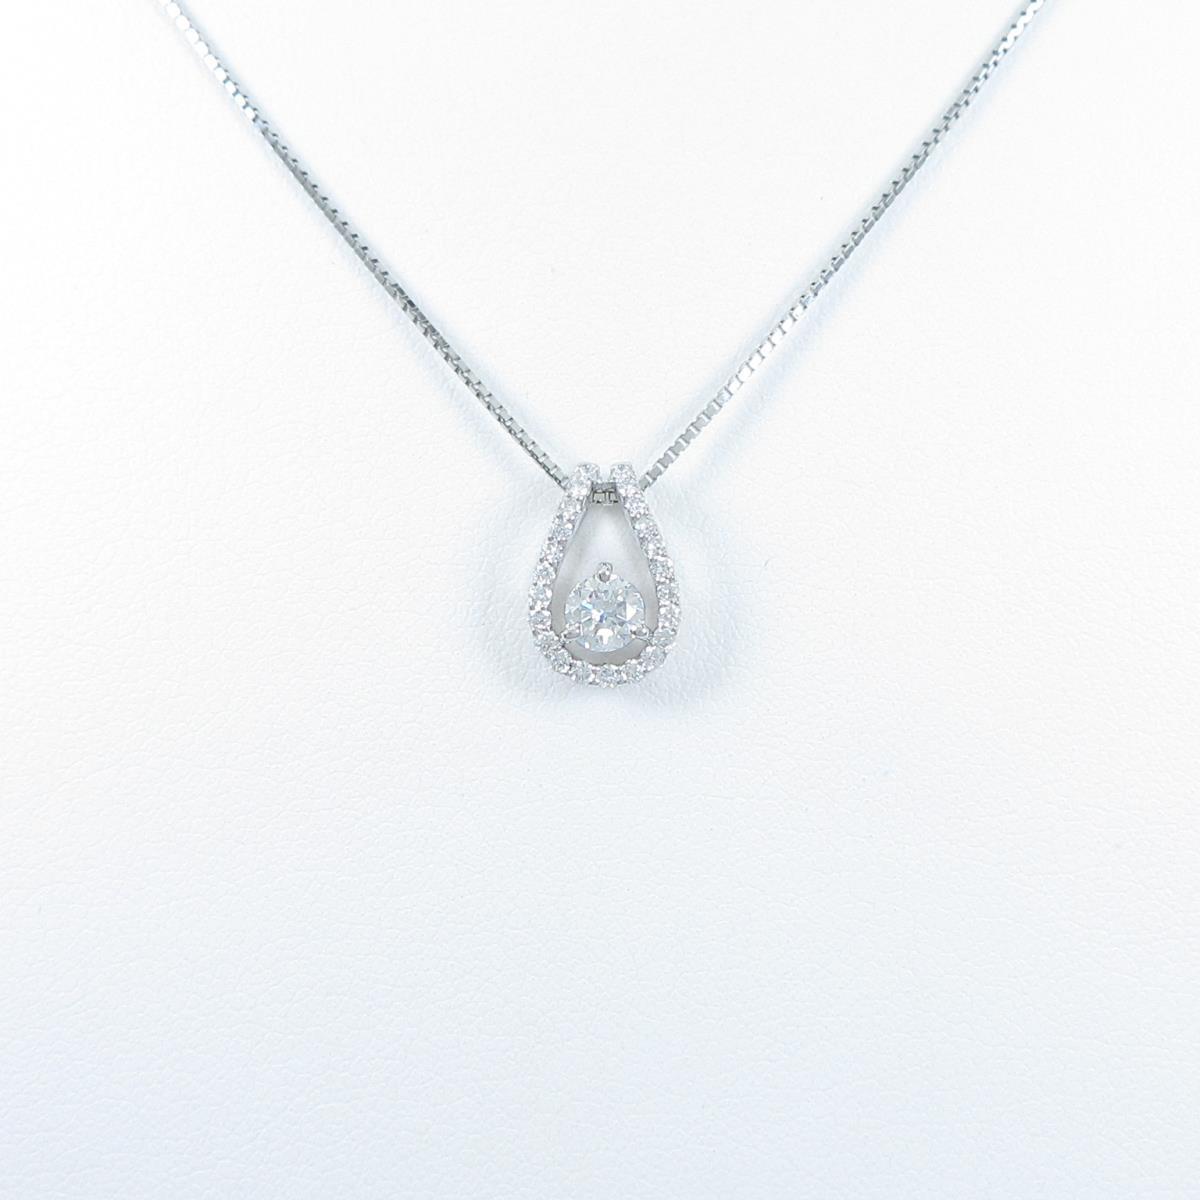 【新品】プラチナダイヤモンドネックレス 0.245ct・F・SI2・GOOD【新品】